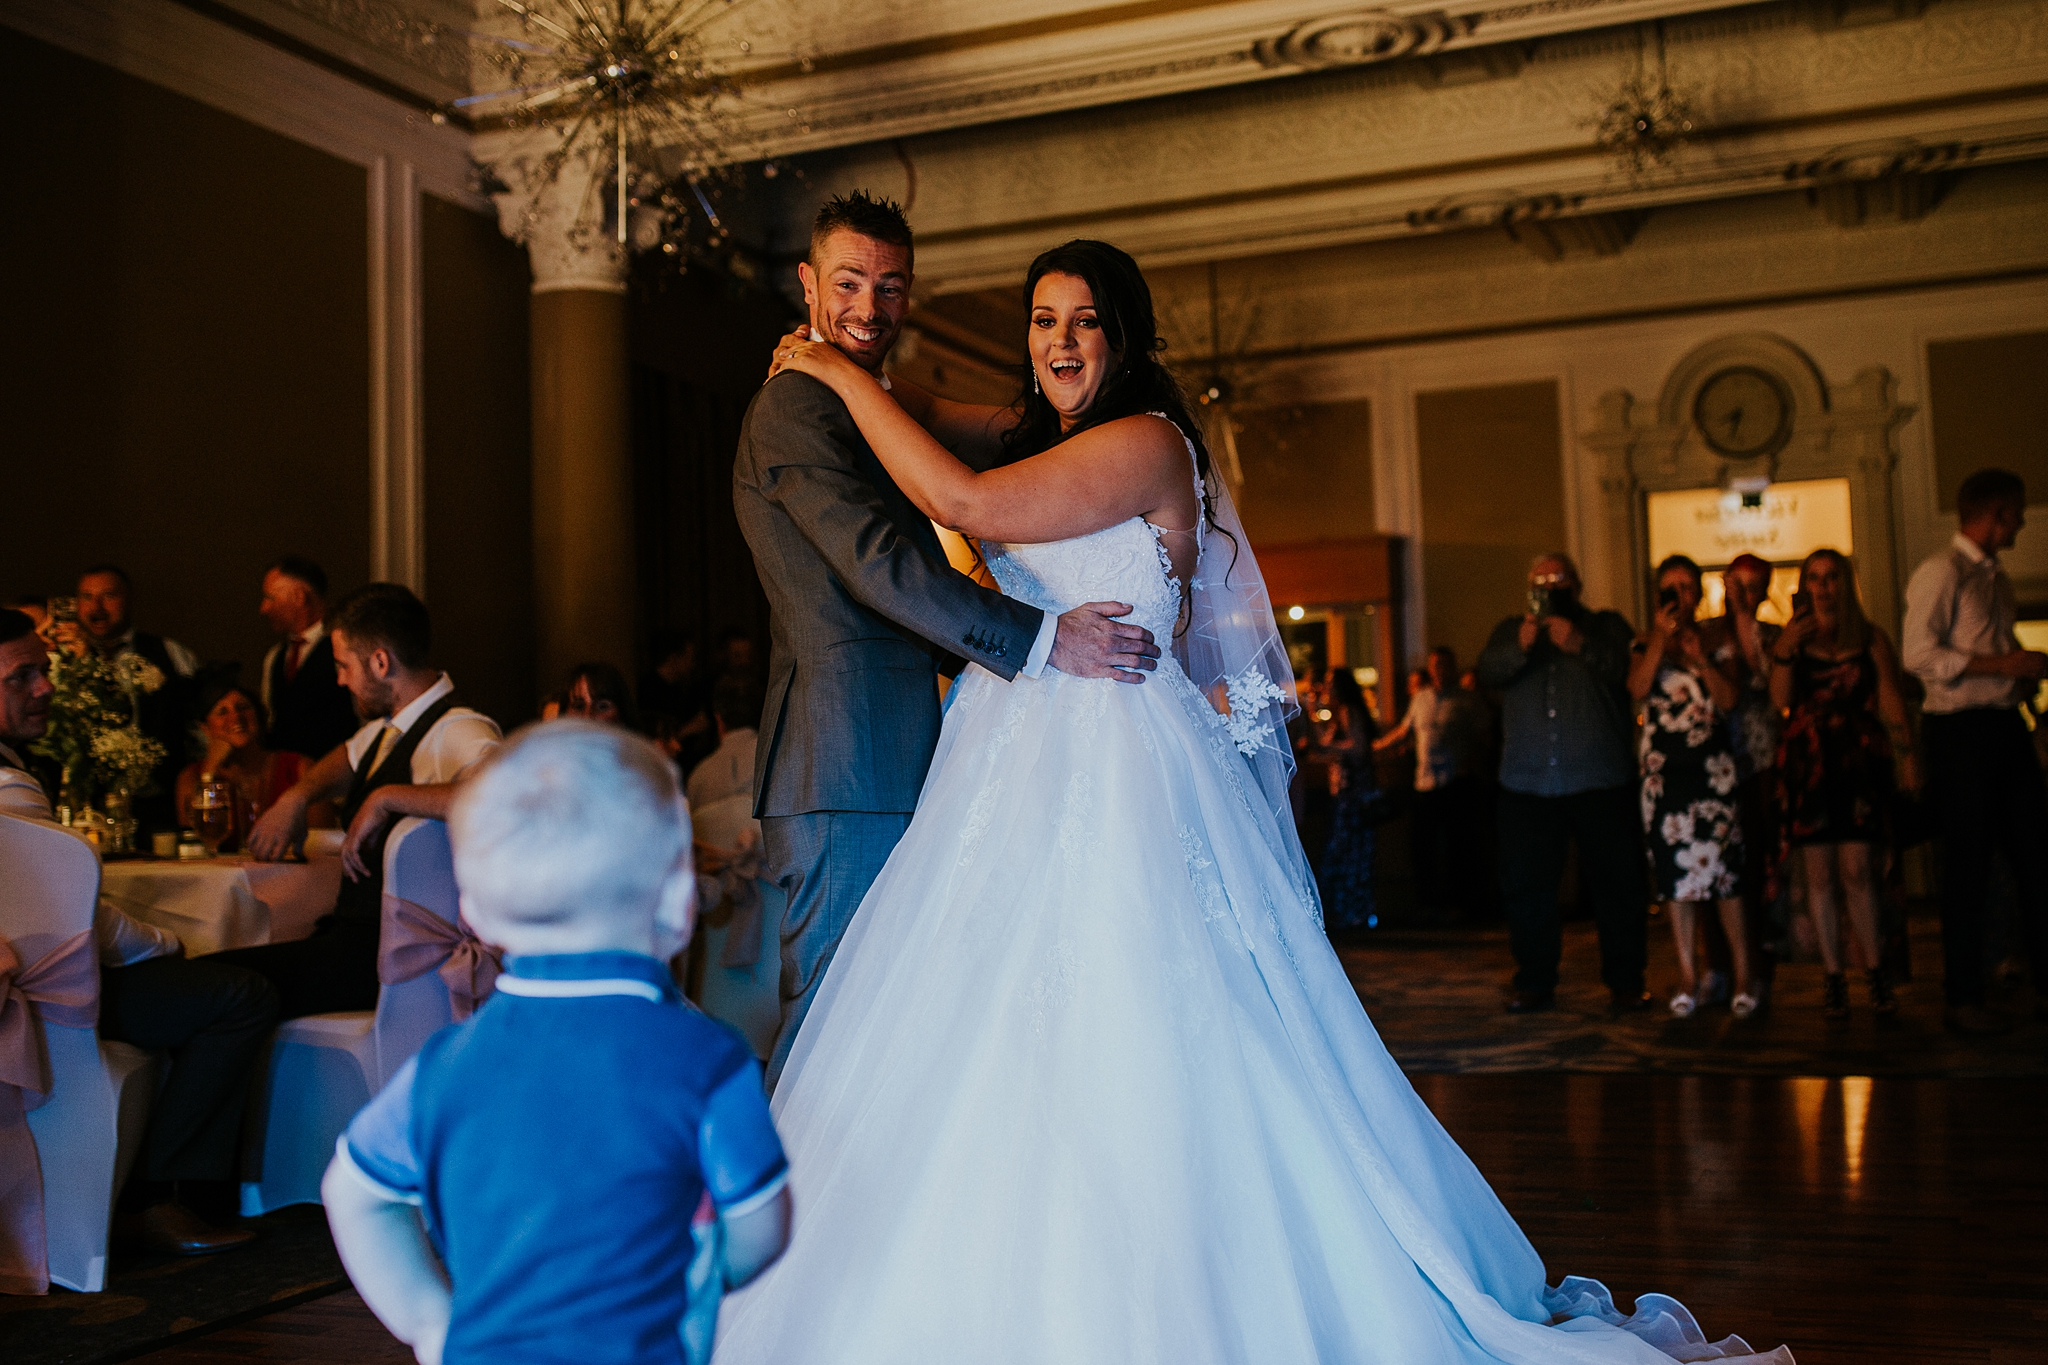 newcastle_upon_tyne_wedding_photographer-72.JPG